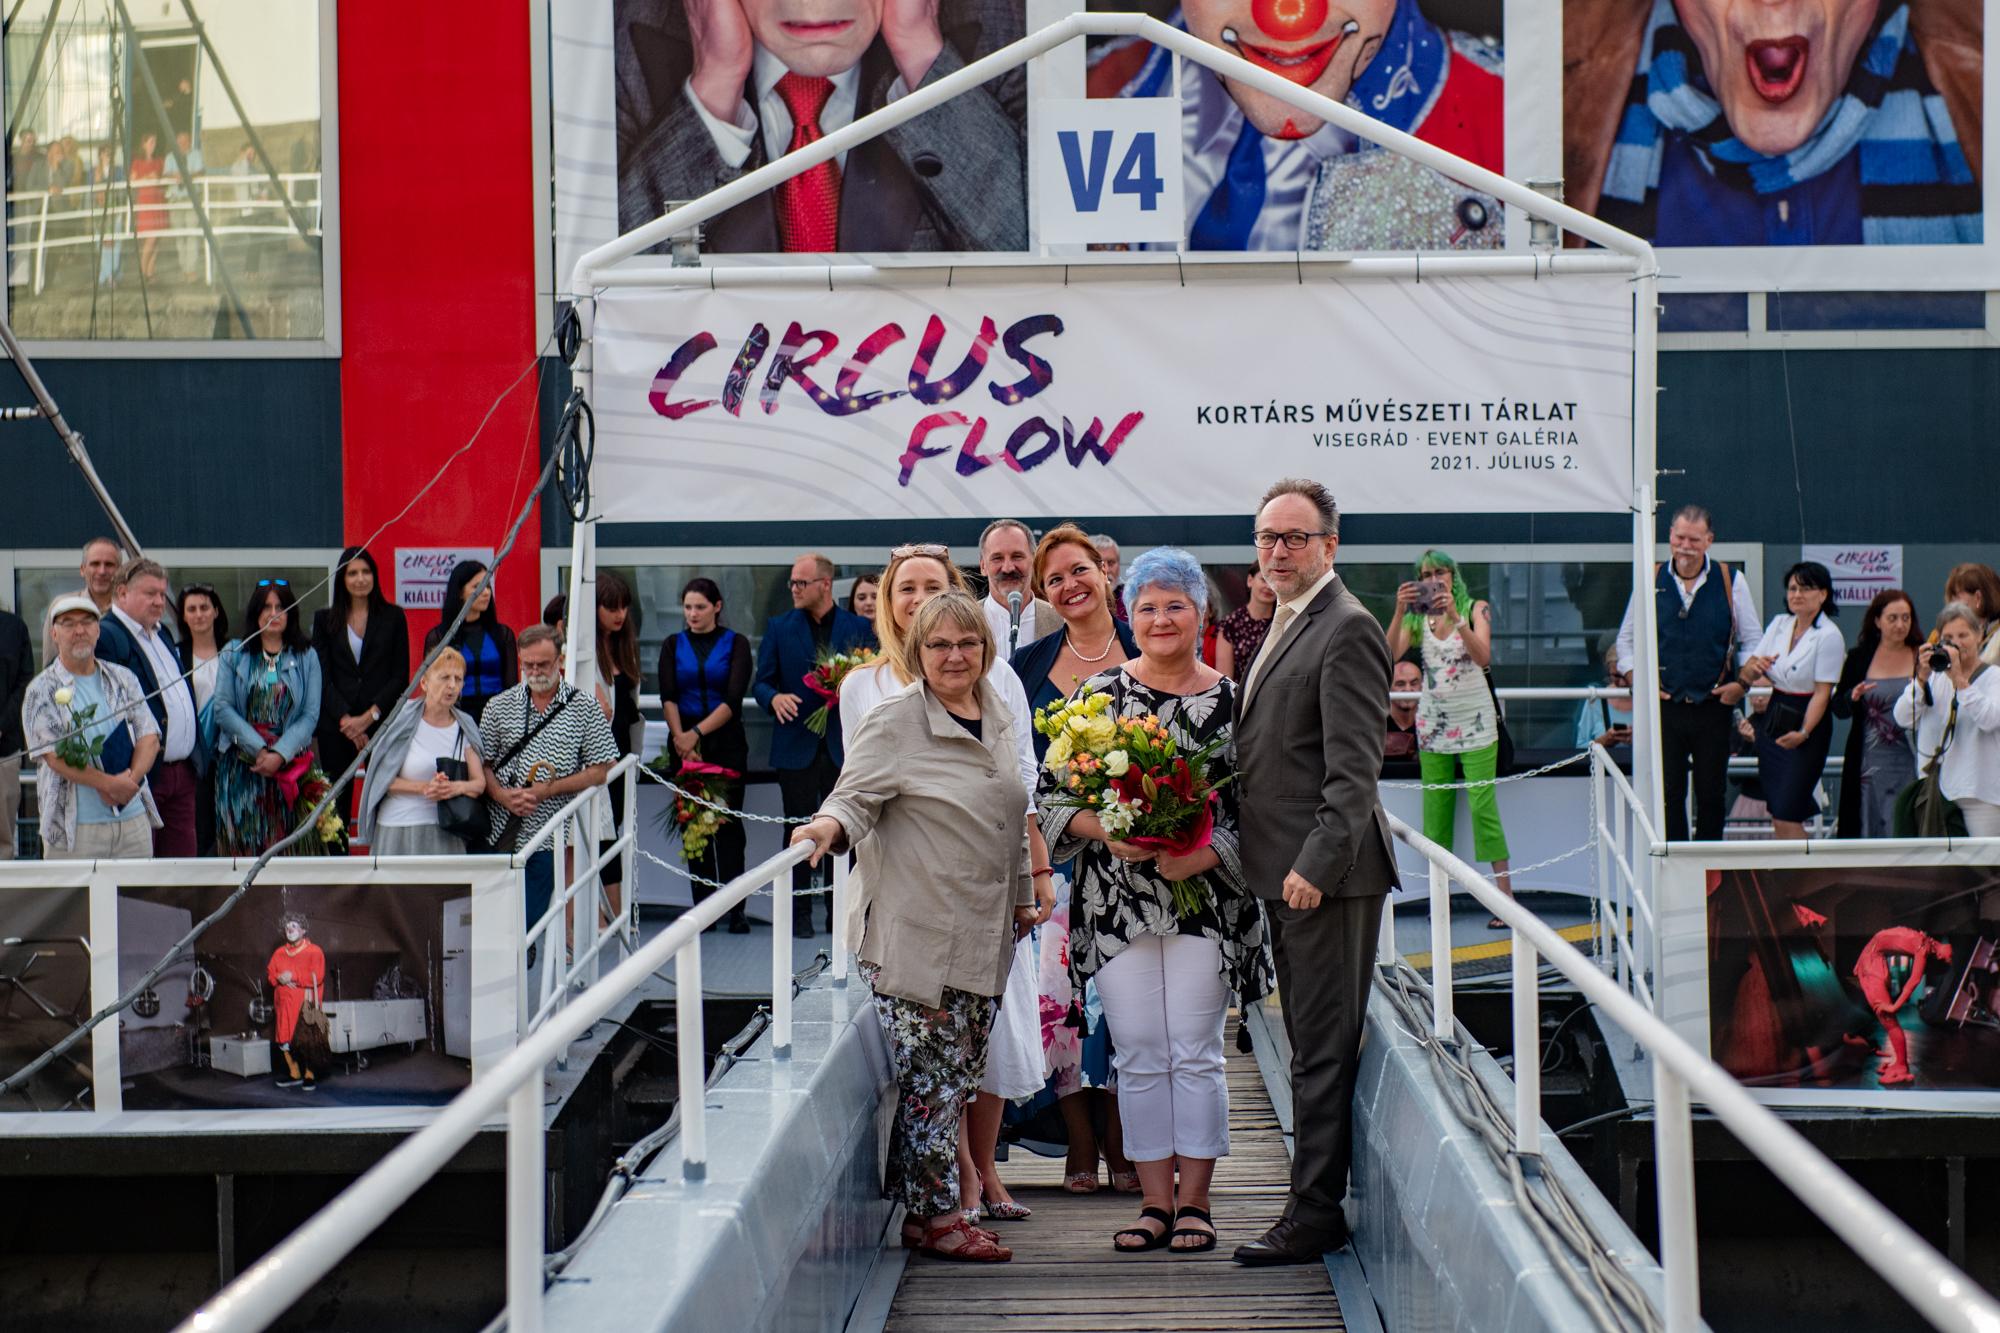 Nagy sikerrel zárult a CIRCUS FLOW Cirkusz – Művészet – Alkotás című kortárs művészeti tárlat